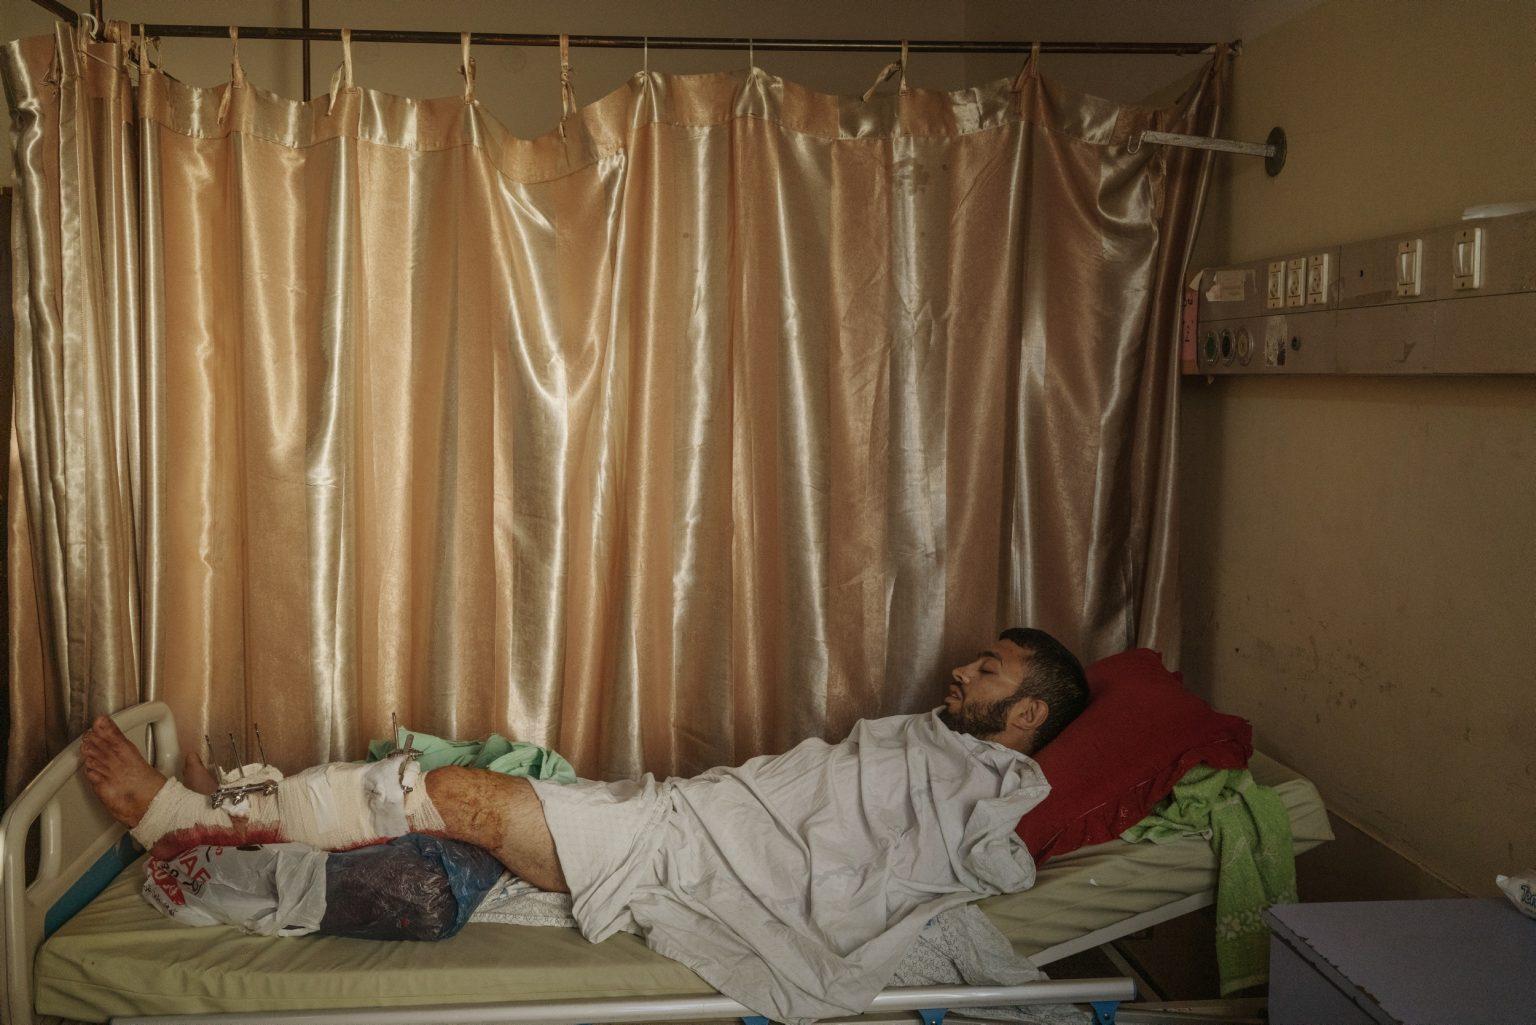 Gaza Strip, May 2018 - Ibrahim Dahir, 32, injured on his leg during the protest by Israeli troops, laying in a bed at Al-Shifa Hospitald in Gaza city. >< Striscia di Gaza, maggio 2018 - Ibrahim Dahir, 32 anni, rimasto ferito a una gamba durante le proteste riposa in un letto dell'osepdale Al-Shifa di Gaza City.